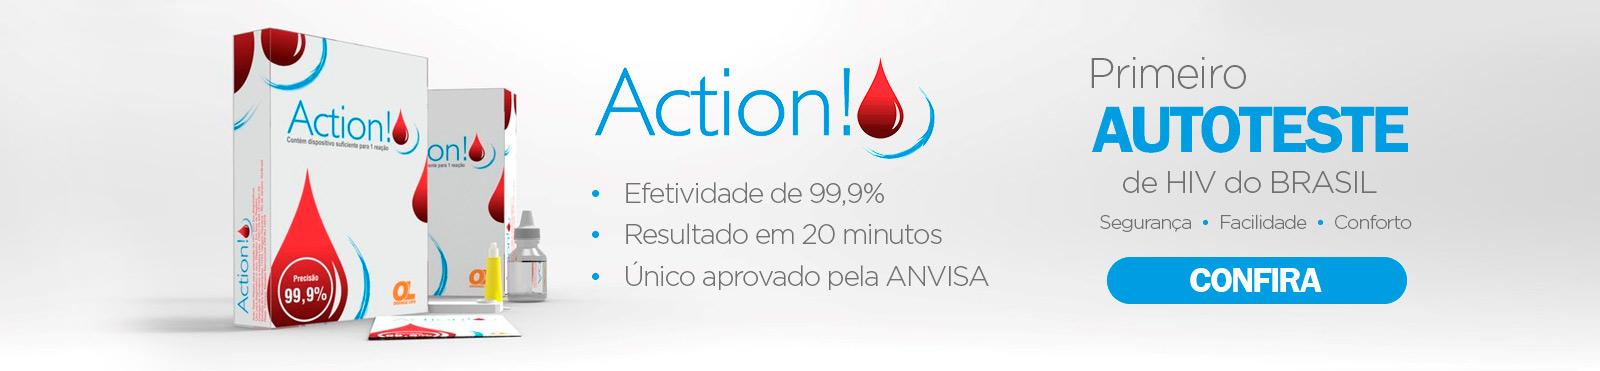 action-lancamento